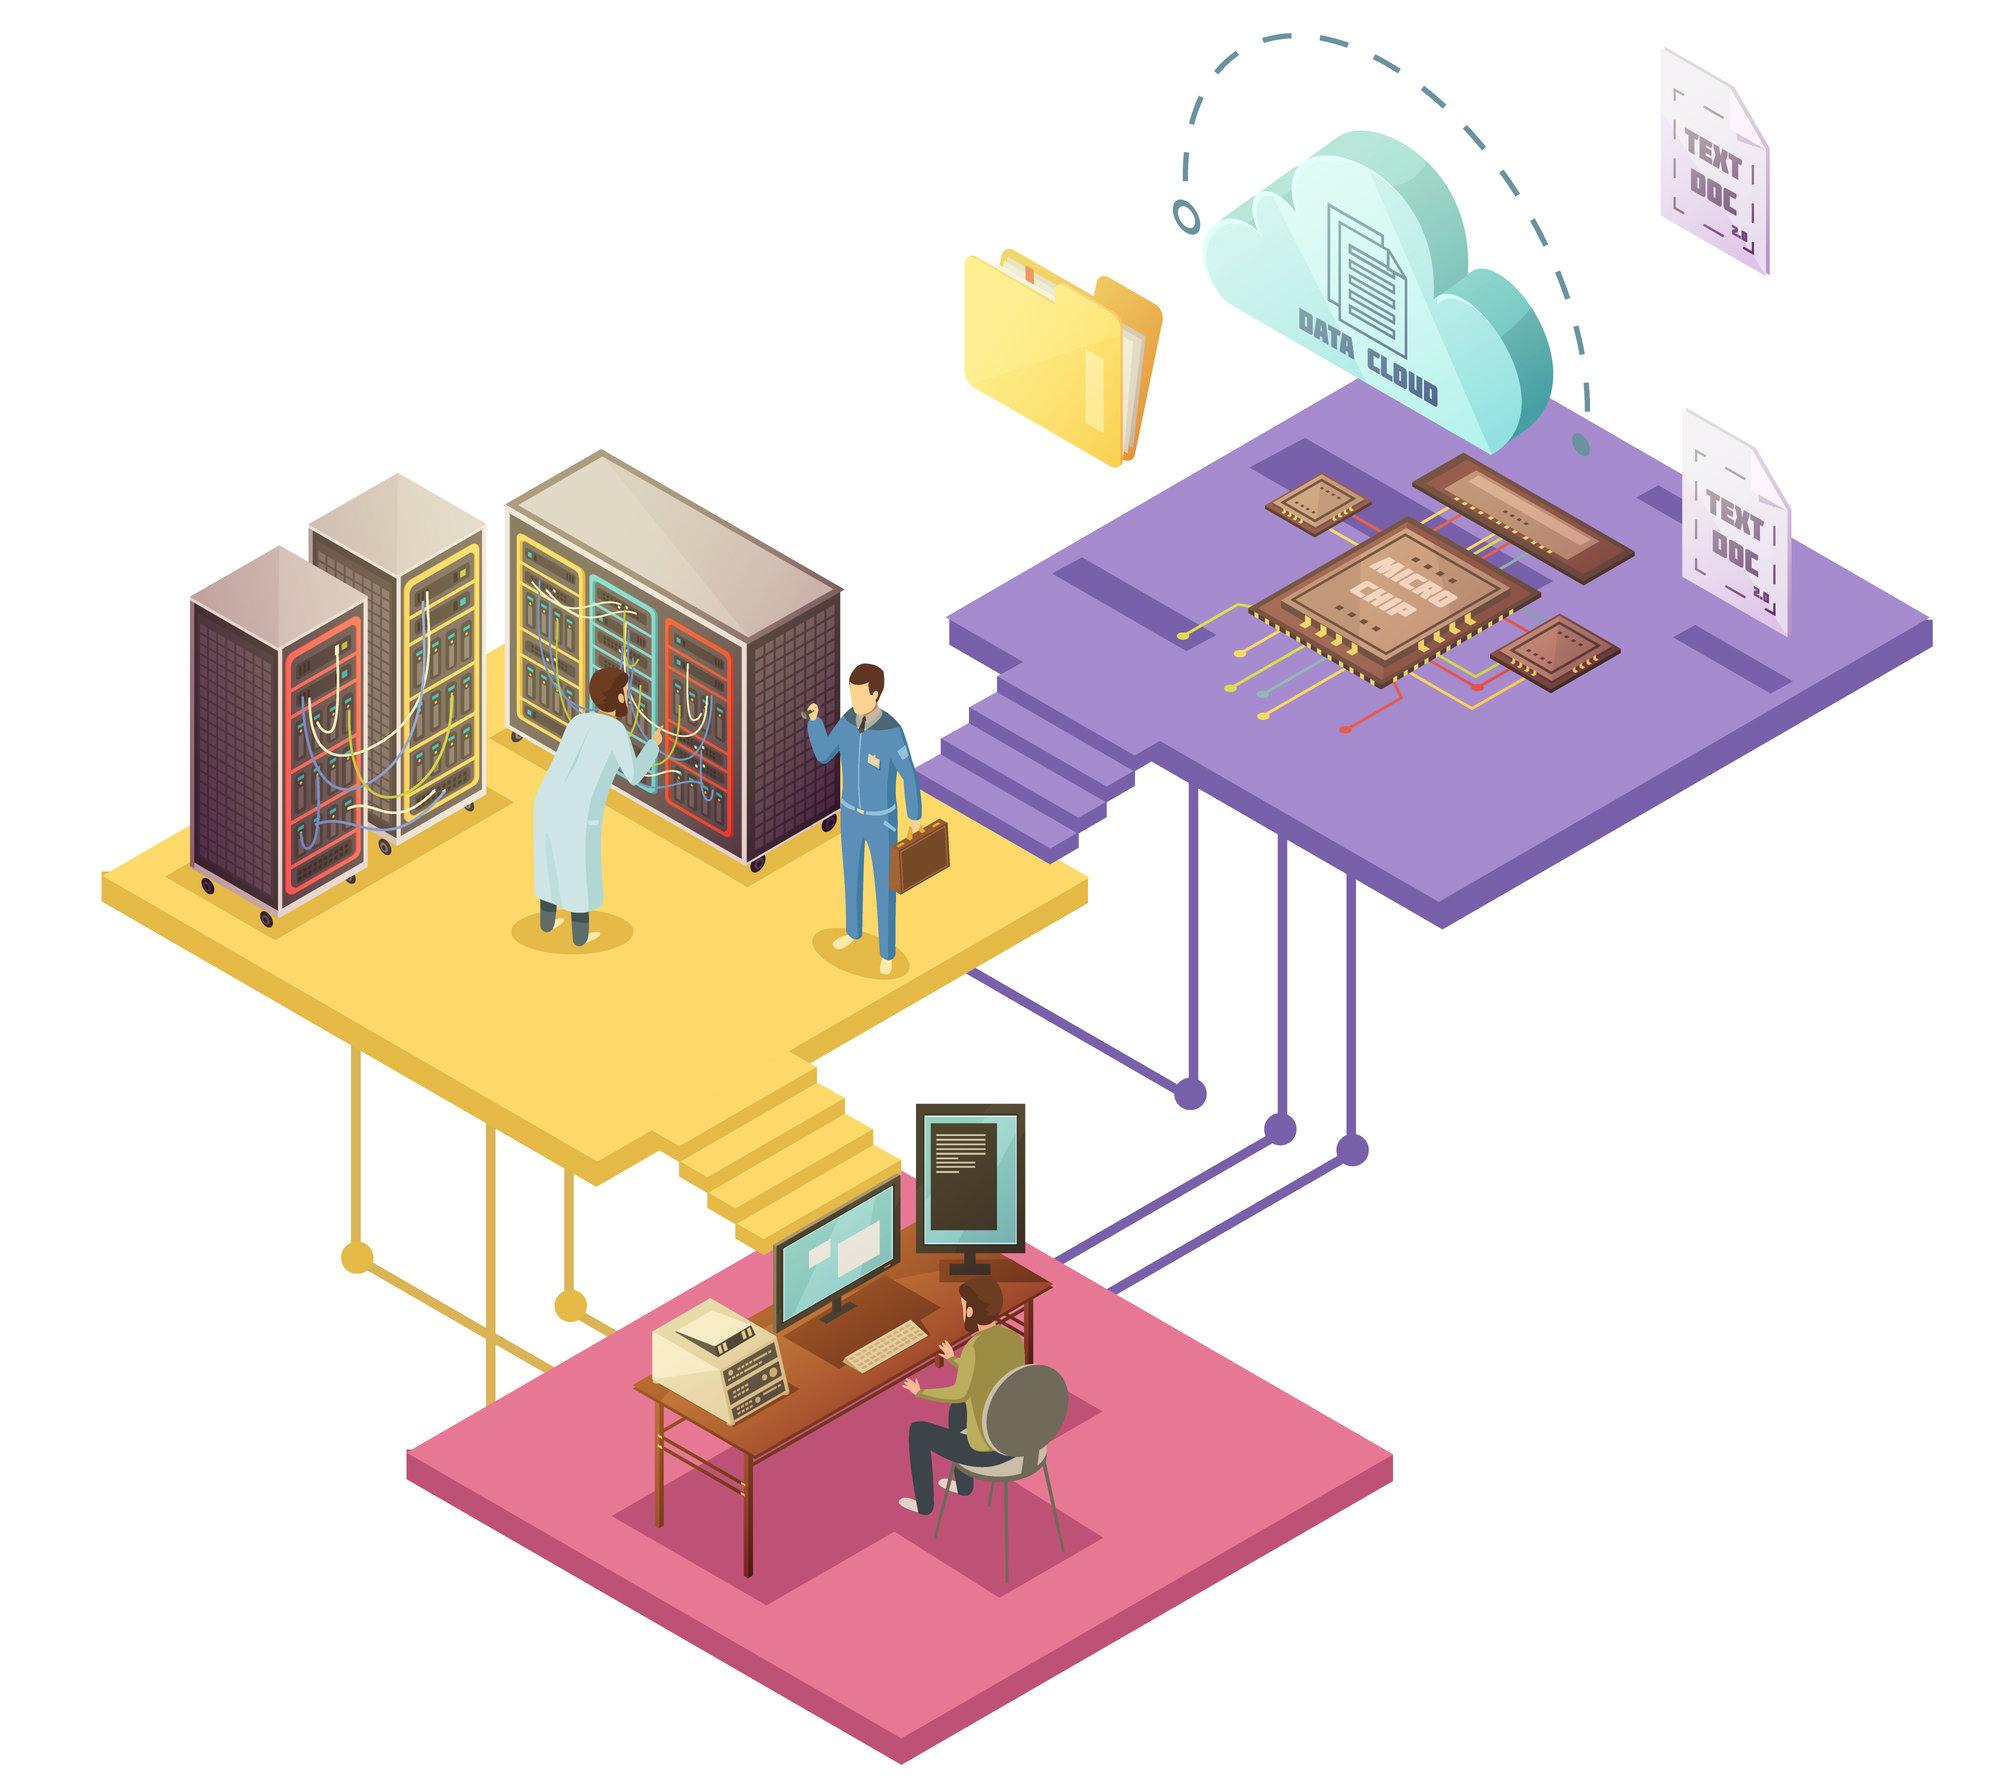 Quais as diferenças entre servidor virtual privado e cloud computing?